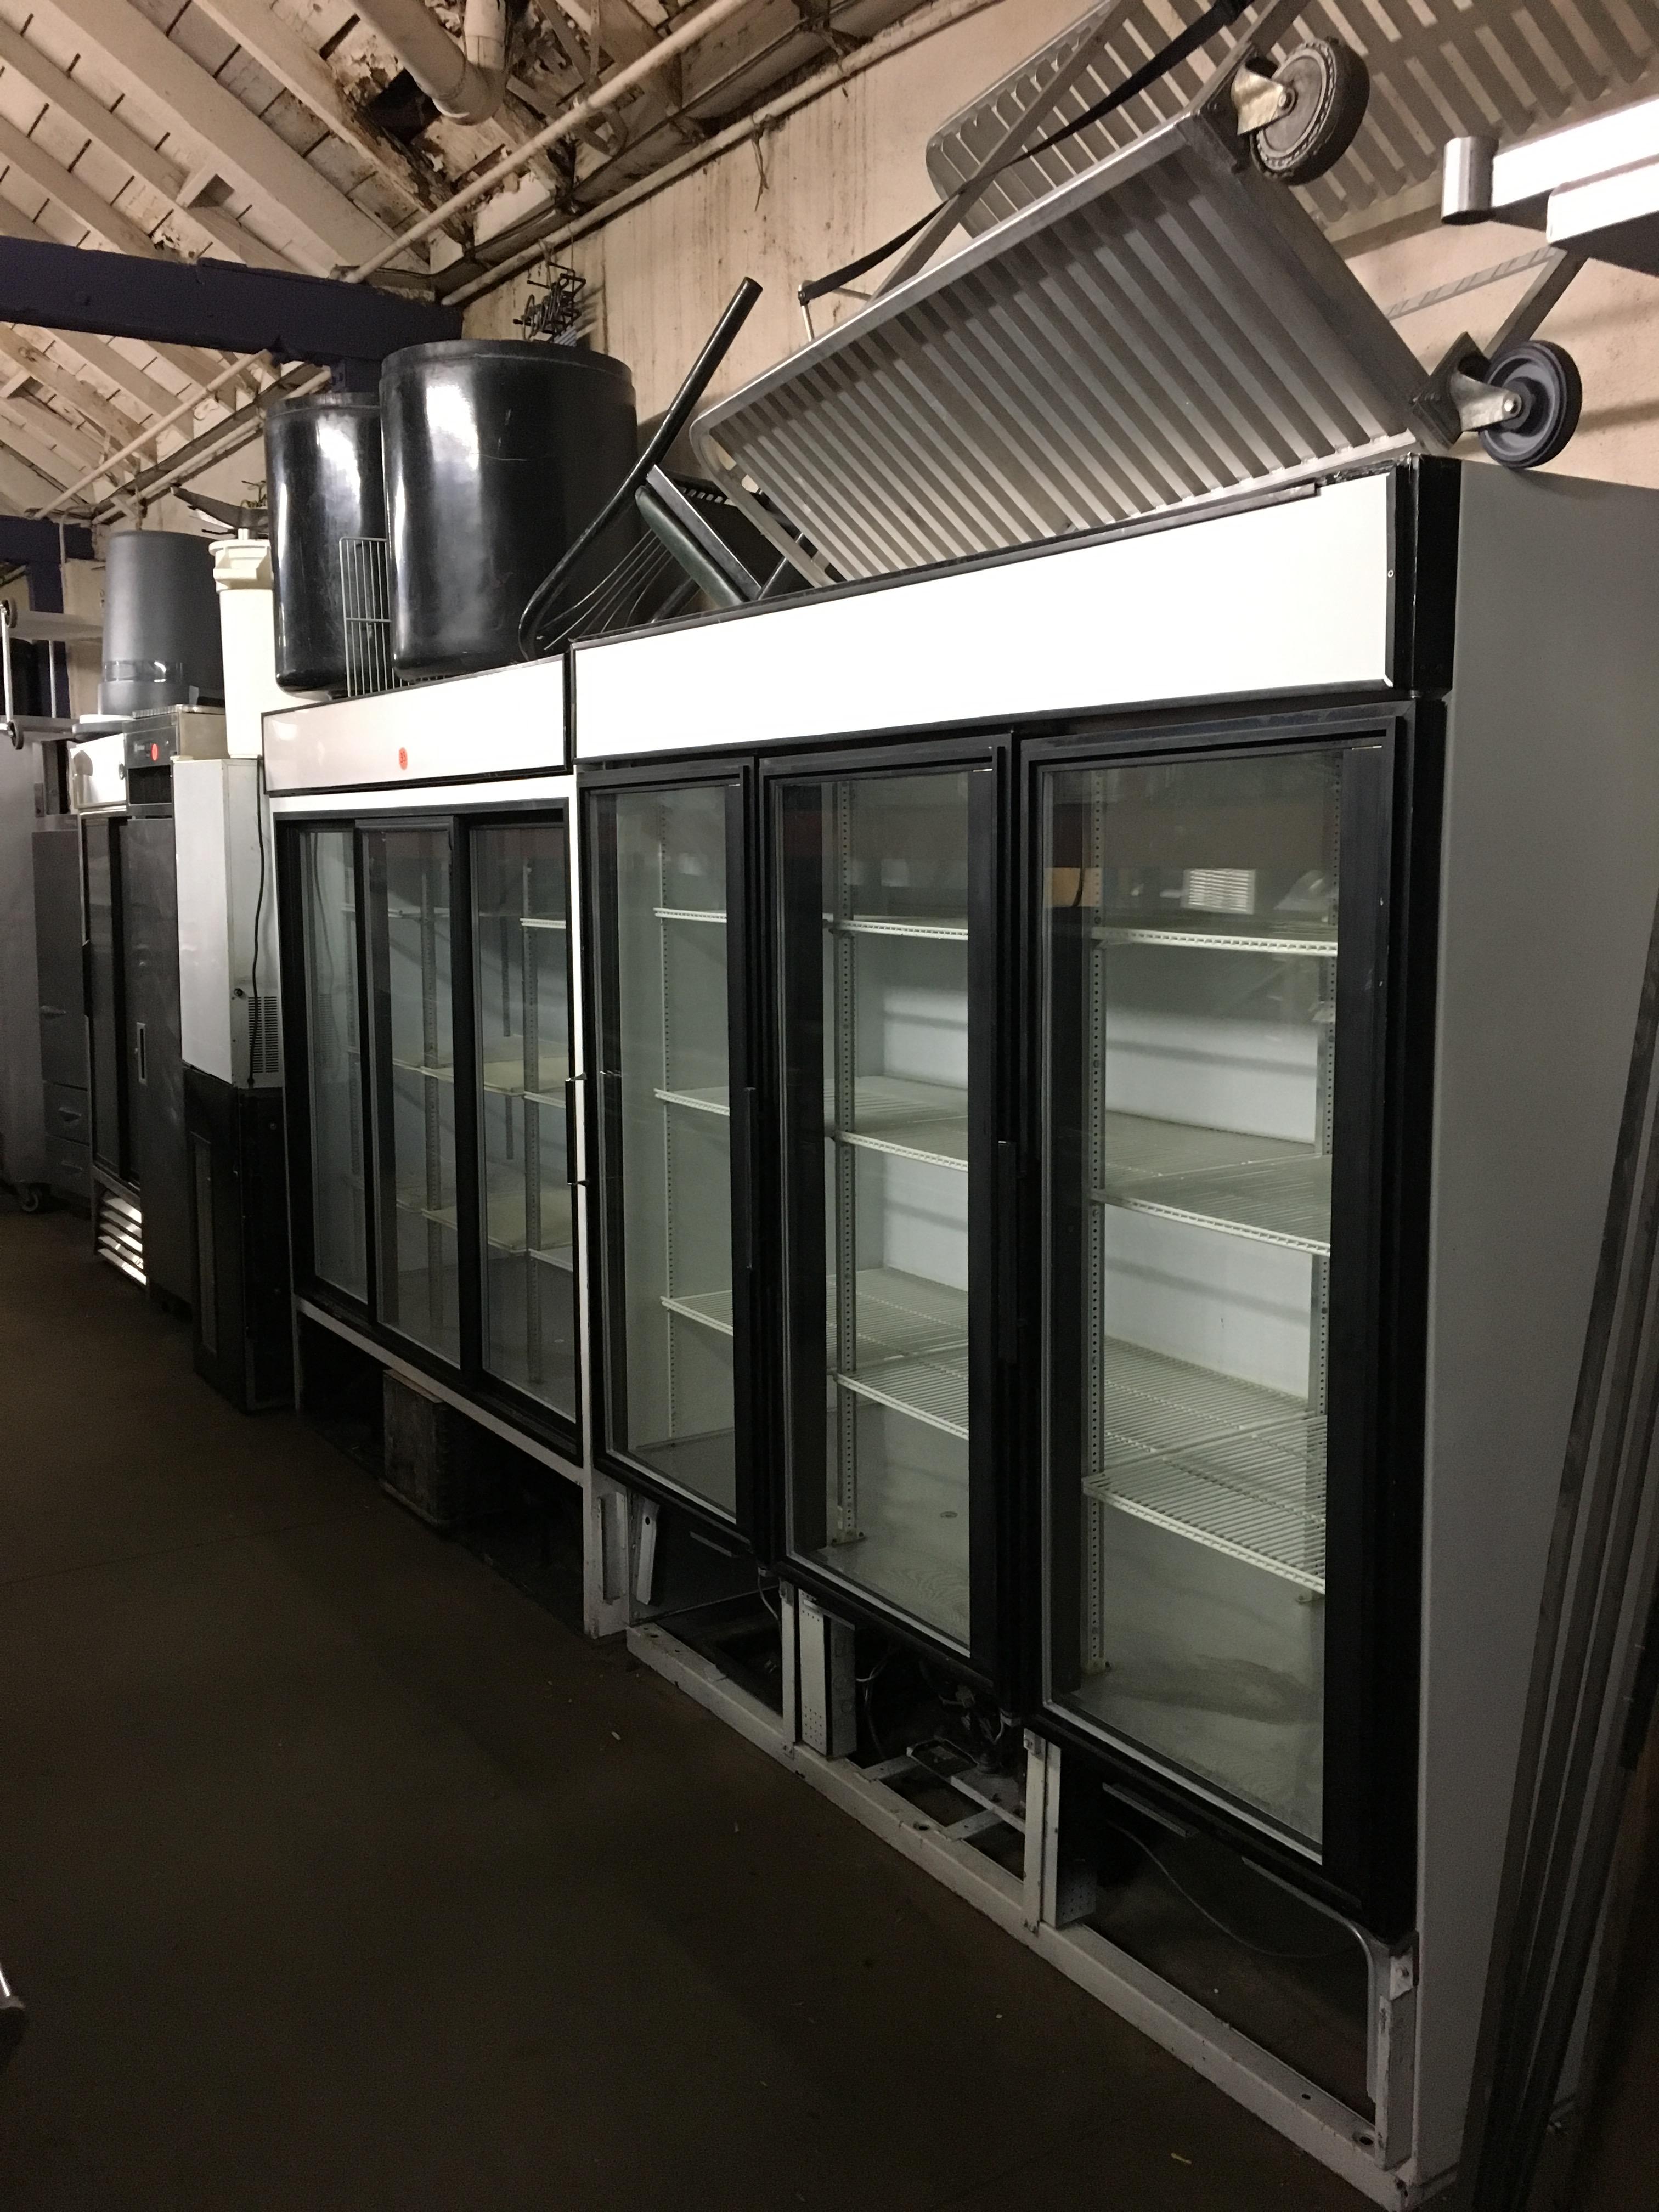 restaurant-equipment-15040825272.jpg